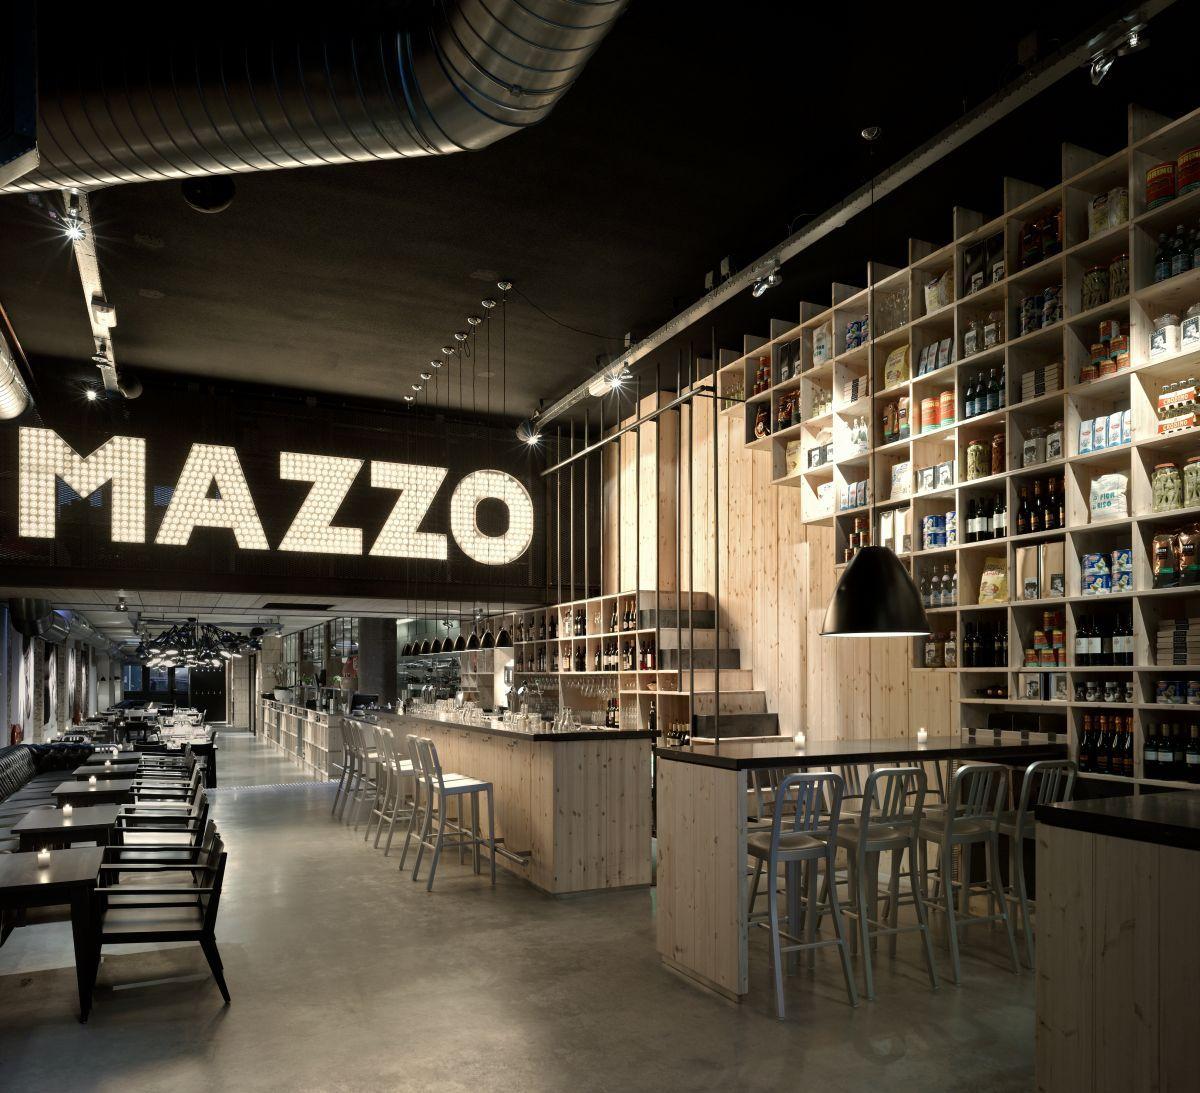 Classic restaurant interior design in amsterdam style for Interior design amsterdam